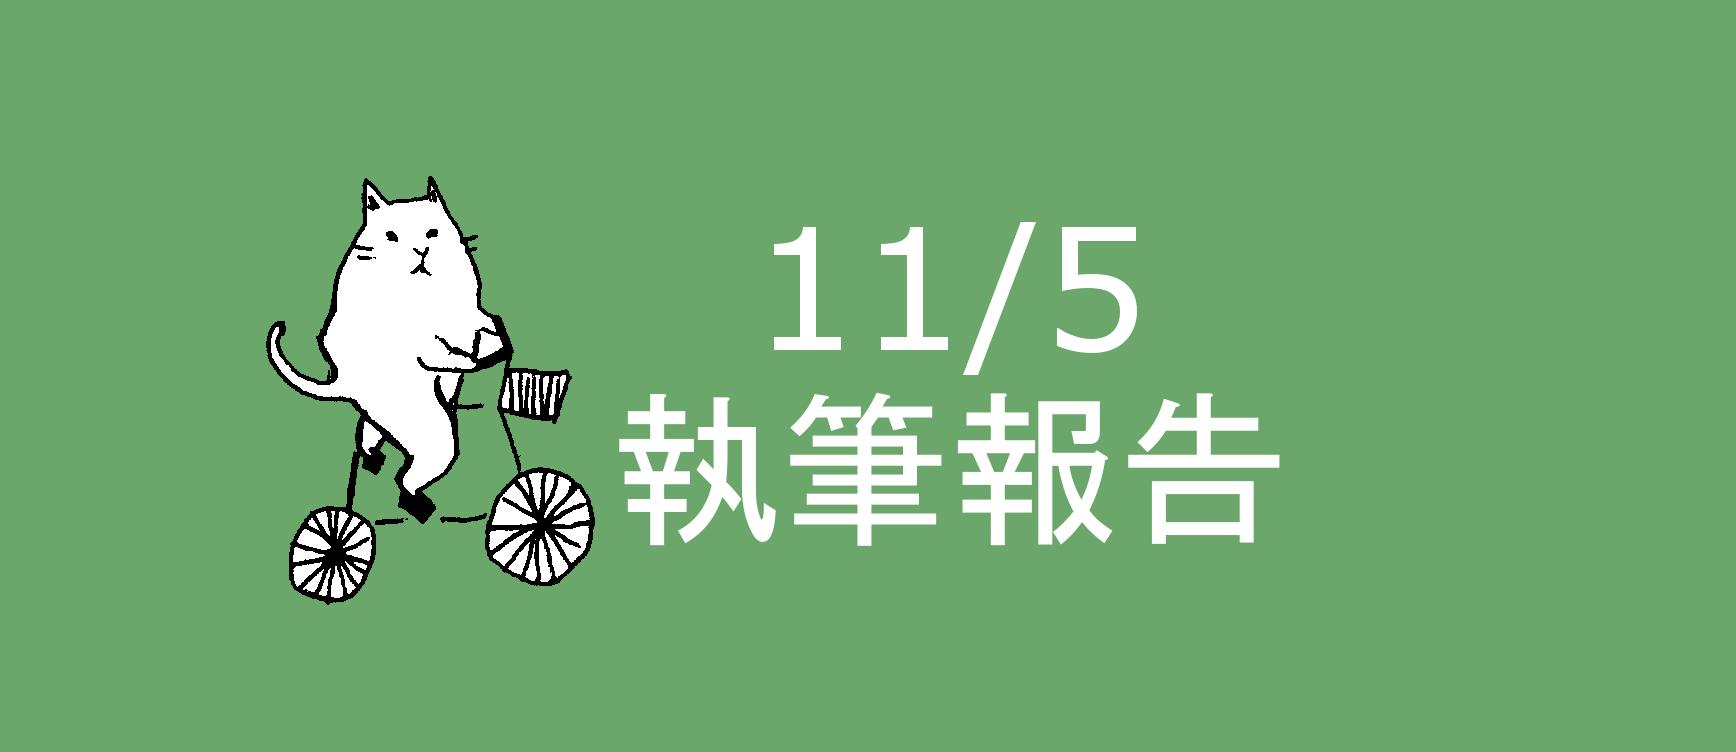 【11/5(土)】執筆件数と仮報酬額ほか